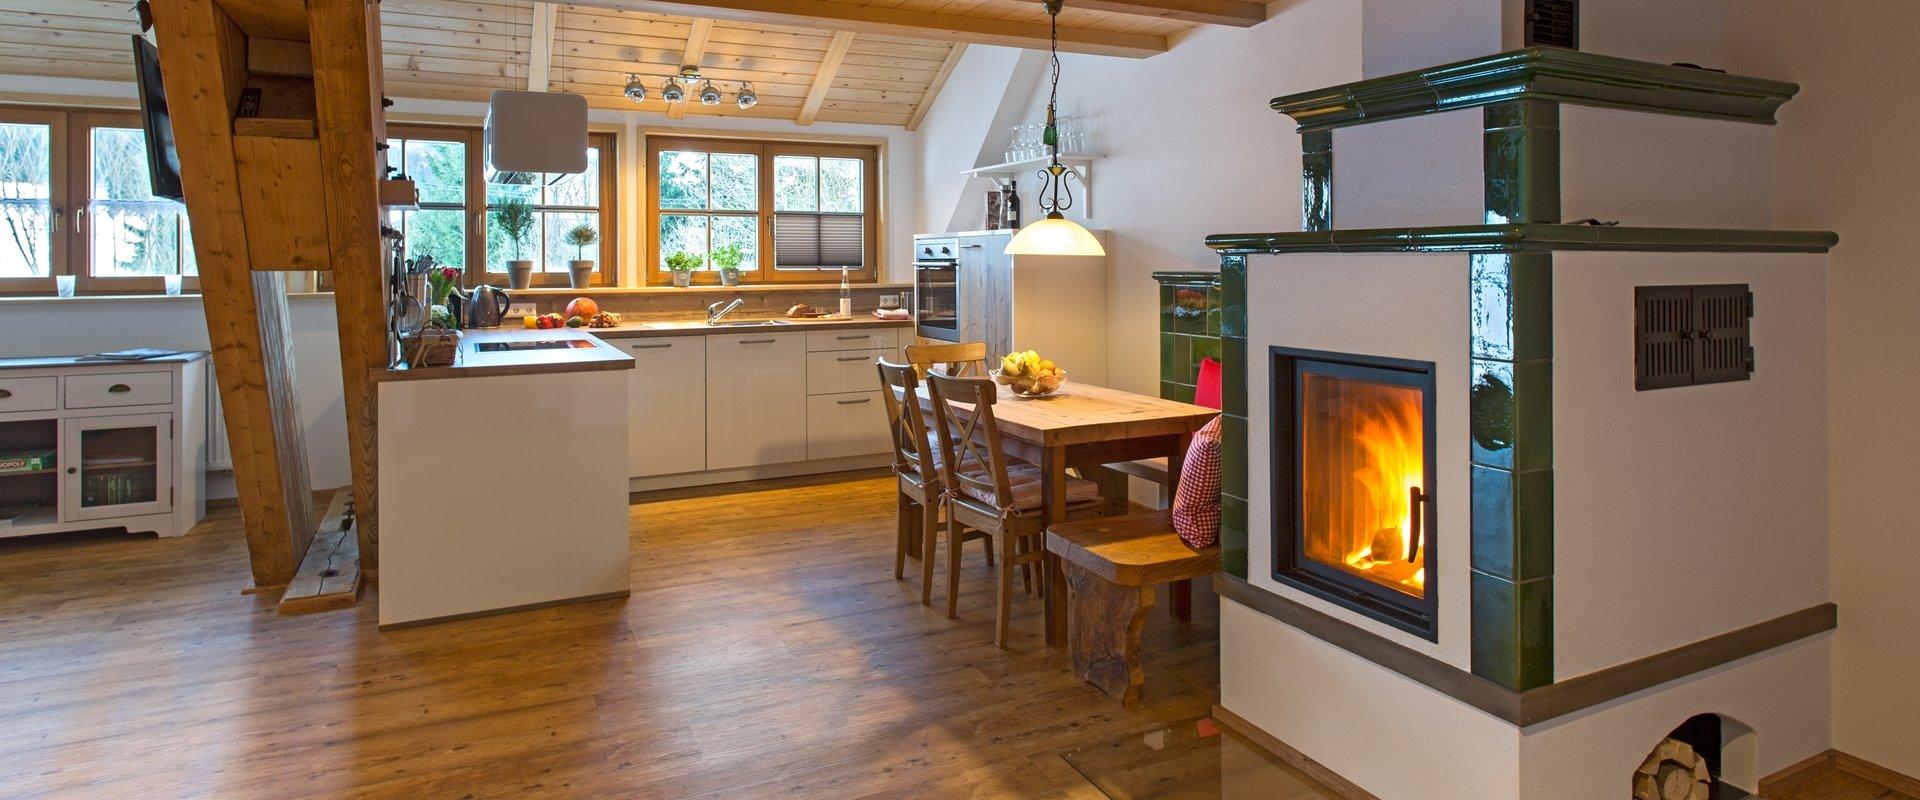 Ferienwohnung Kueche und Kachelofen / Griesbachhof-Schwarzwald